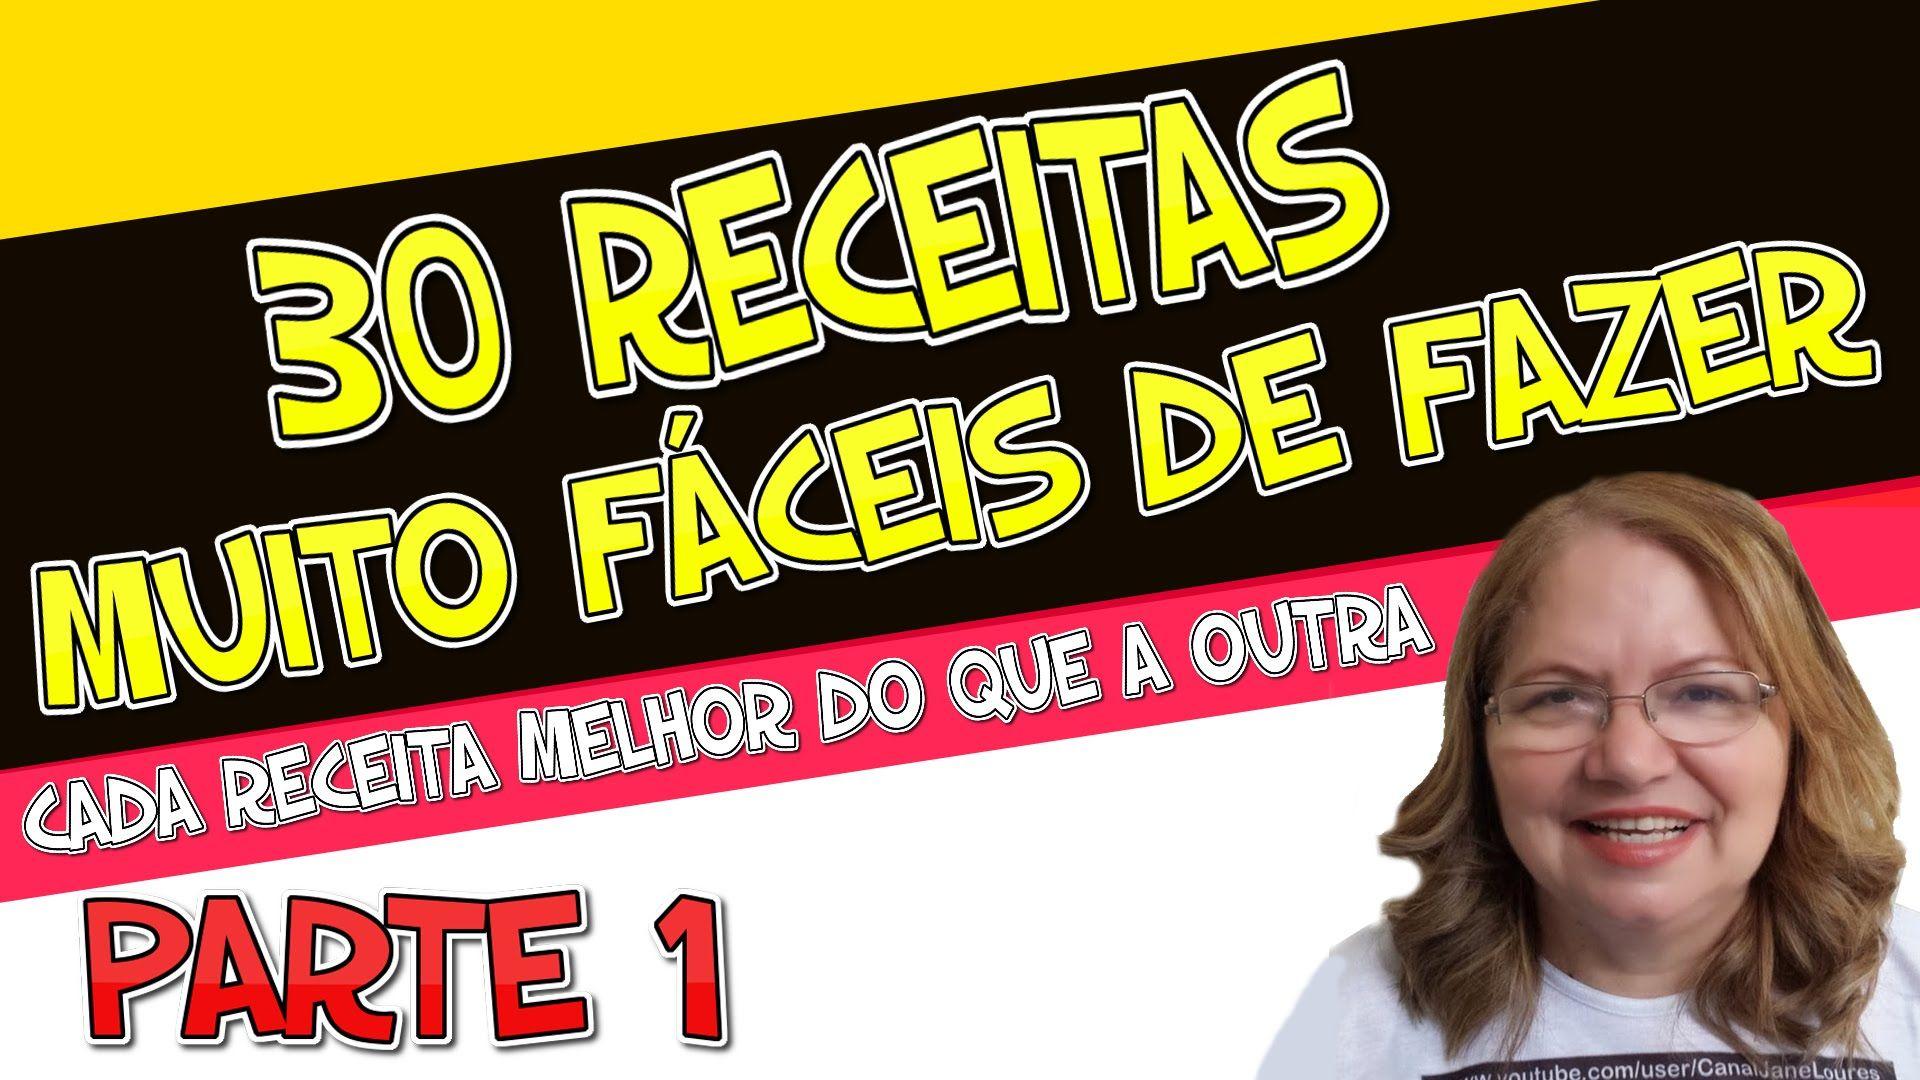 DICAS CASEIRAS - RECEITAS VARIADAS MUITO FÁCEIS DE FAZER (PARTE 1)